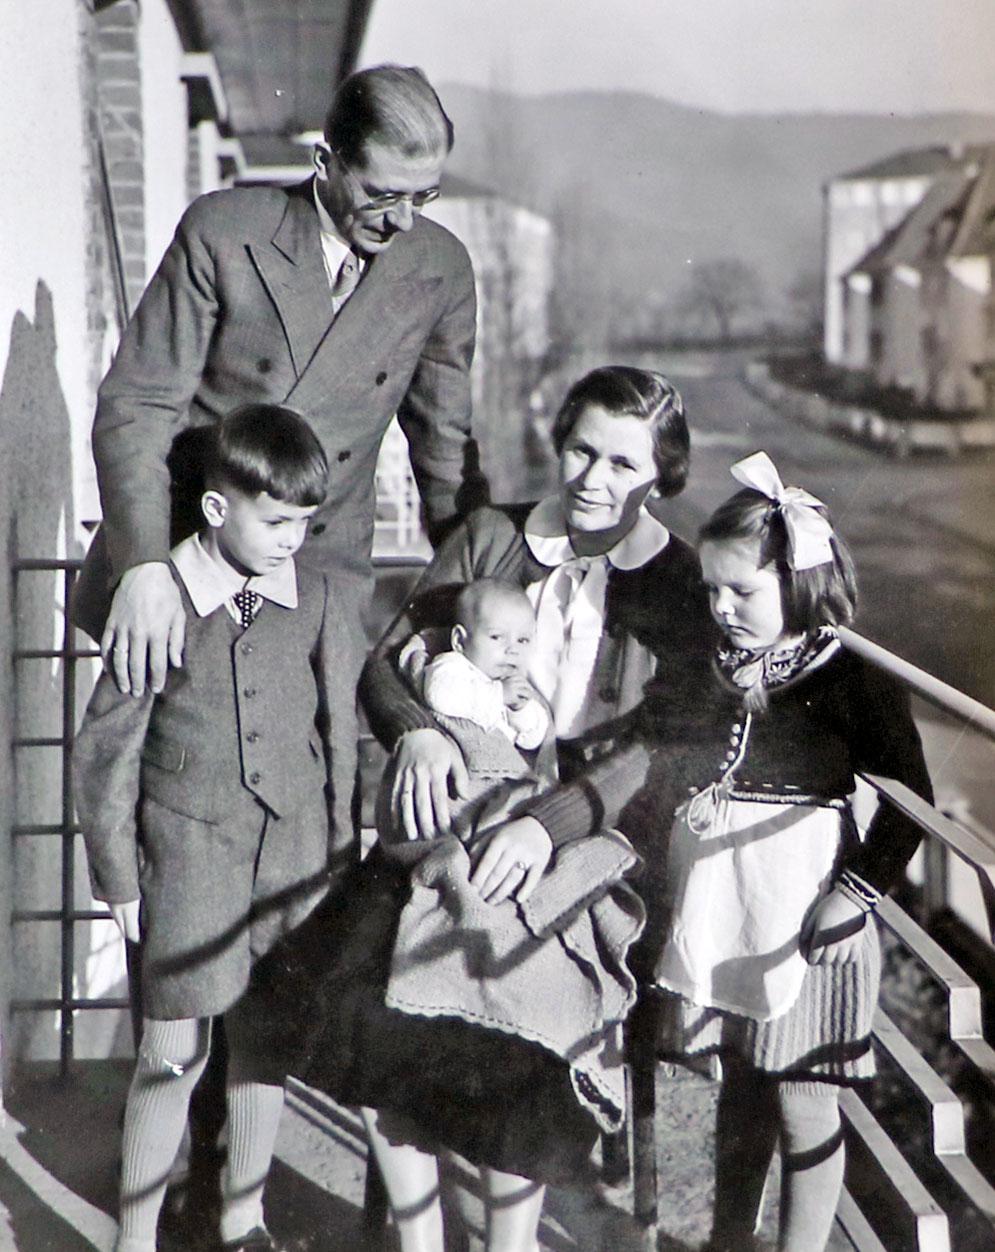 Walter Herwig Schuchardt war Professor für klassische Archäologie in Freiburg • Er nahm Agricola 1934 auf eine mehrmonatige Griechenlandreise mit • Die Eindrücke dieser Reise waren von wesentlicher Bedeutung für seine spätere künstlerische Entwicklung • hier Walter Schuchardt und Familie